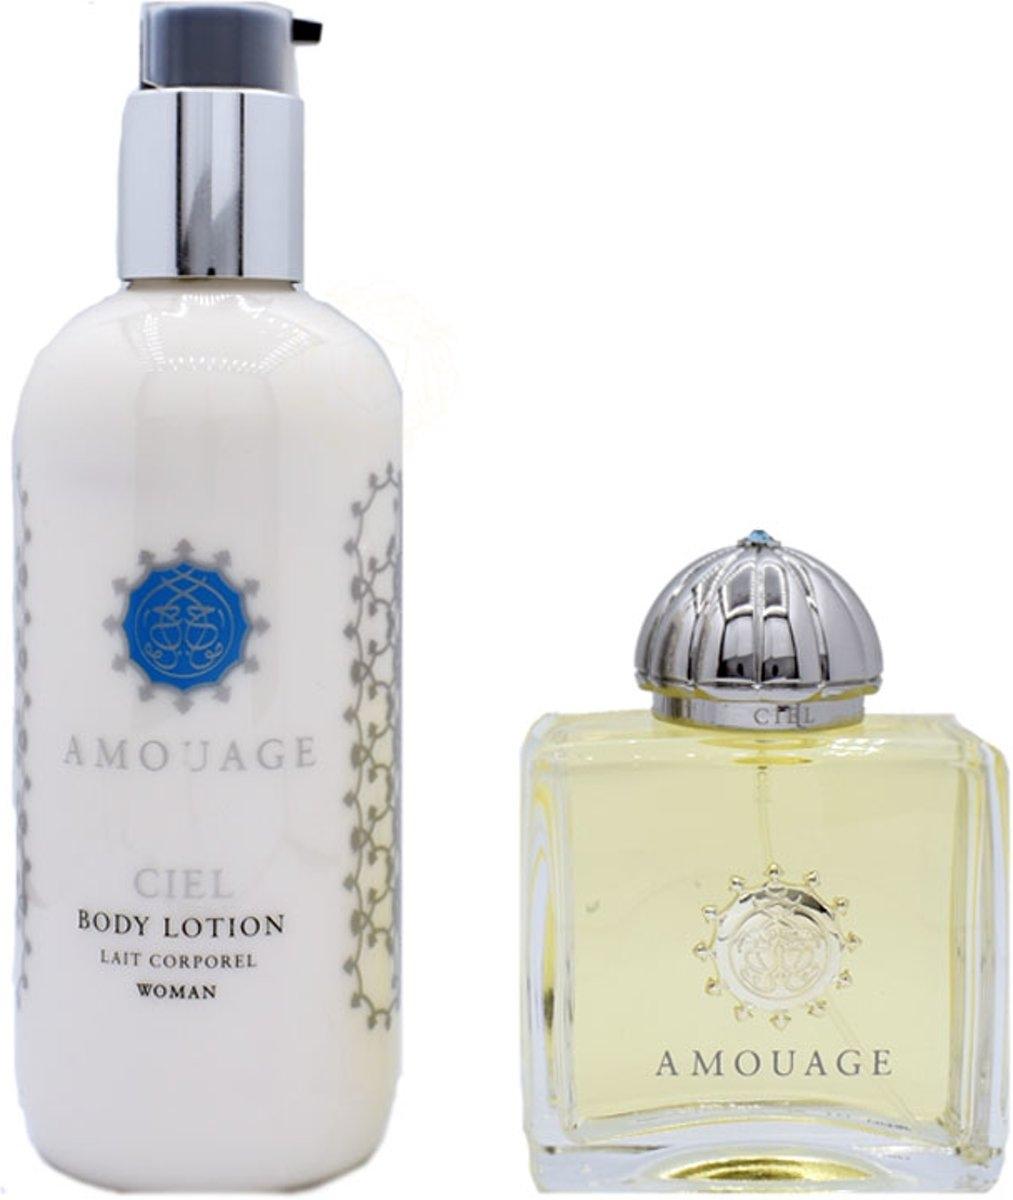 Zestaw prezentowy dla kobiet Amouage Ciel woda perfumowana 100ml + balsam do ciała 300ml